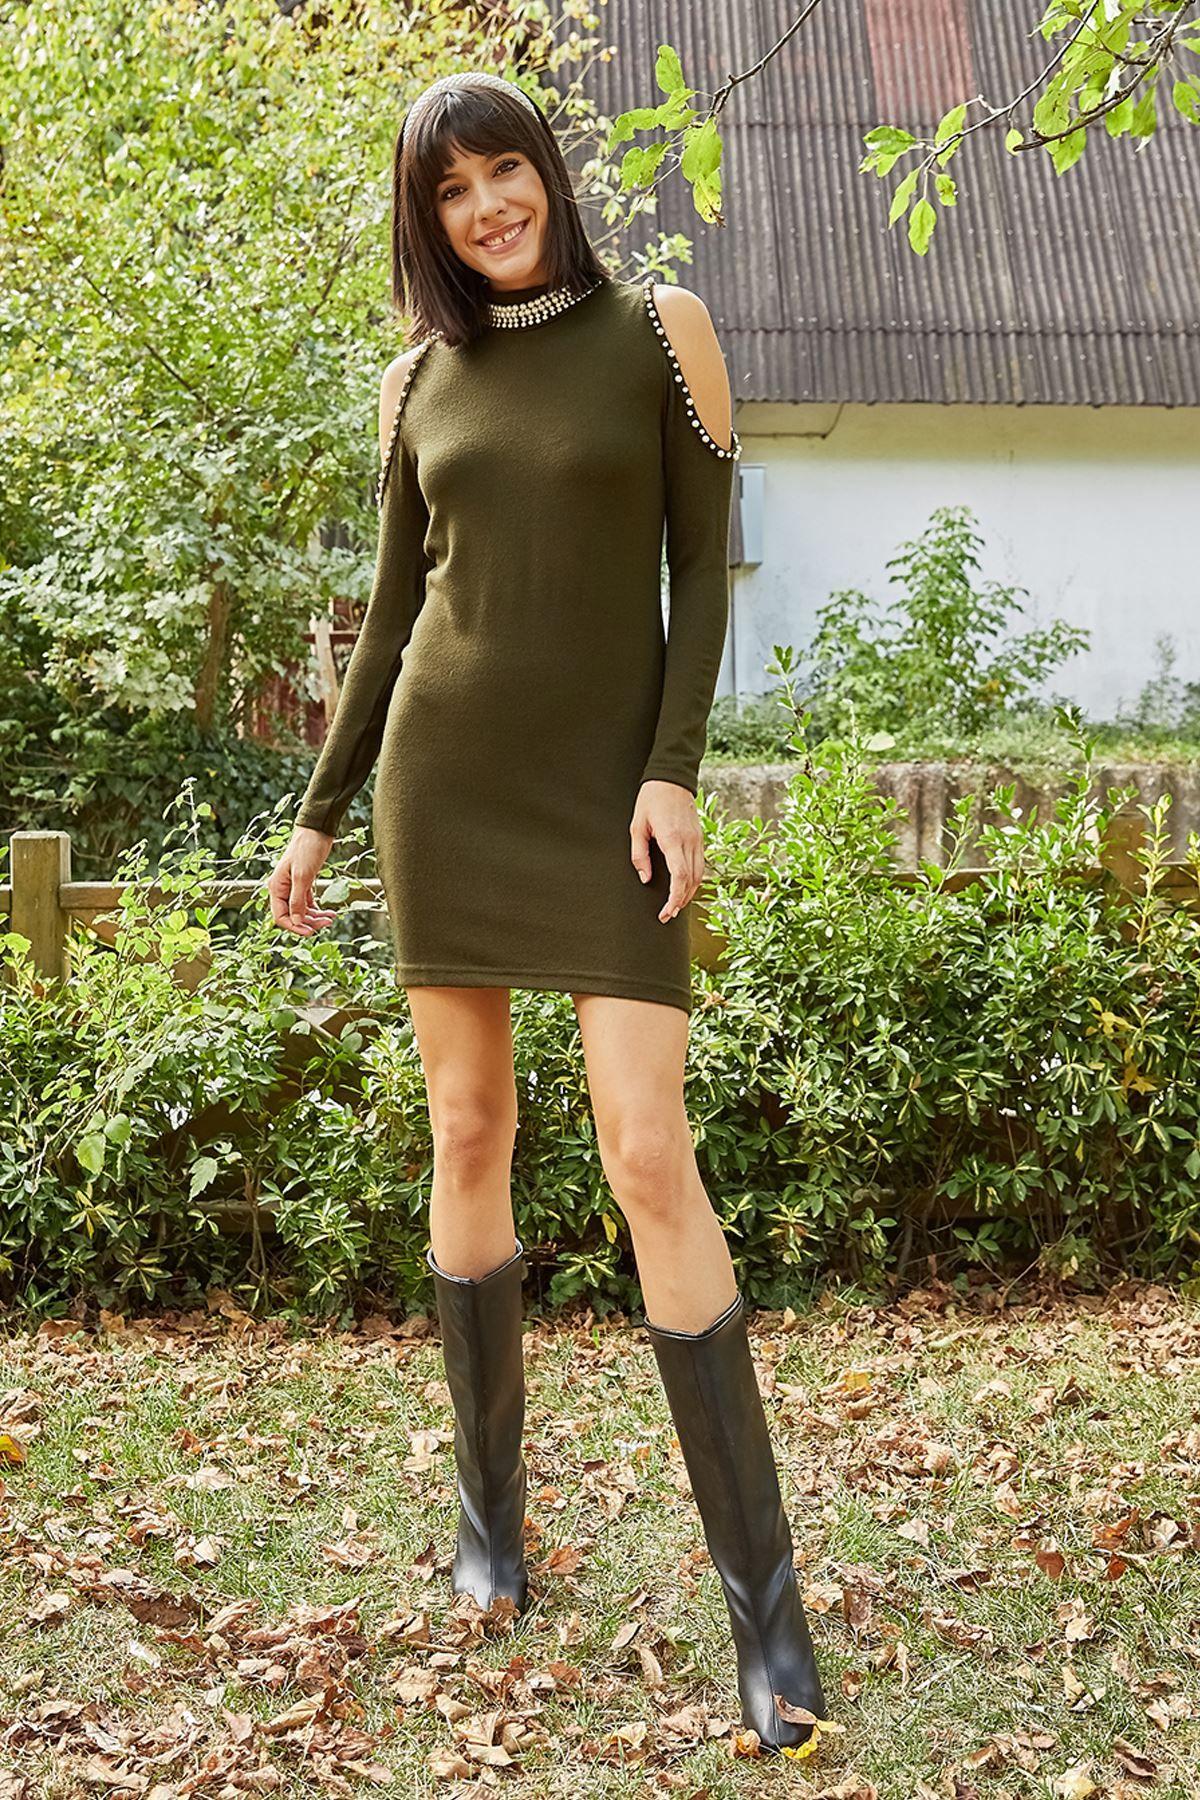 فستان قصير مفتوح على الكتف لون زيتي